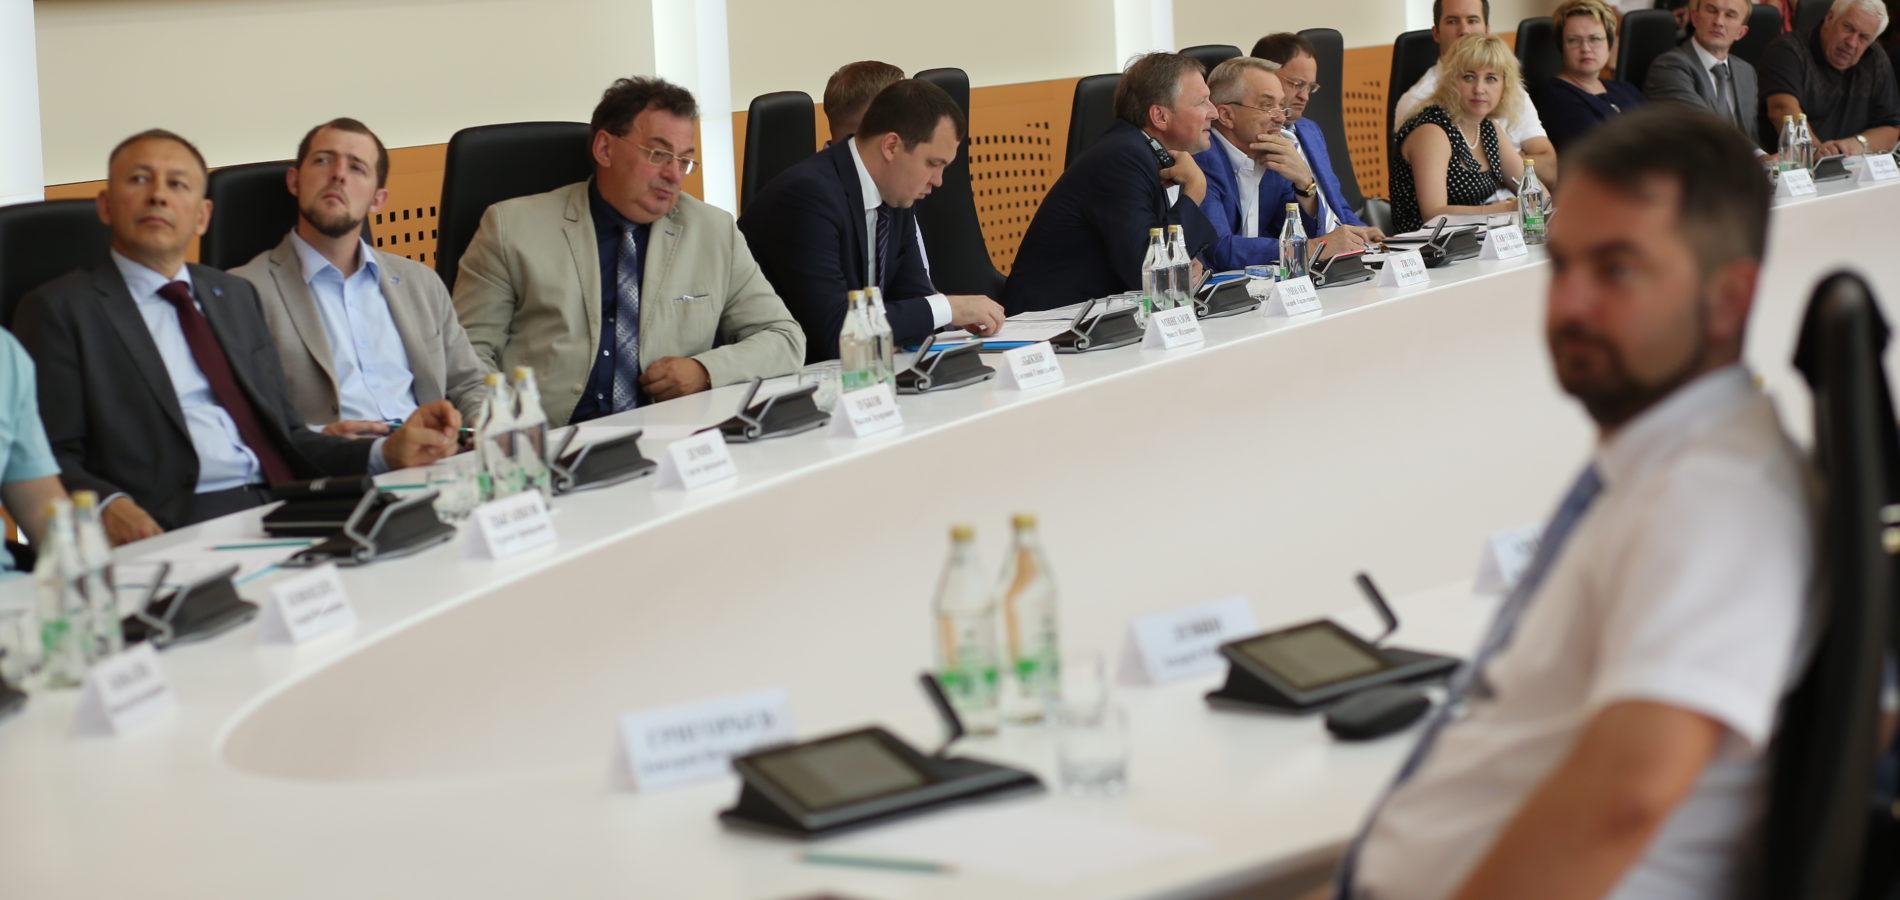 Губернатор Белгородской области поддержал идеи программы «Стратегии Роста»